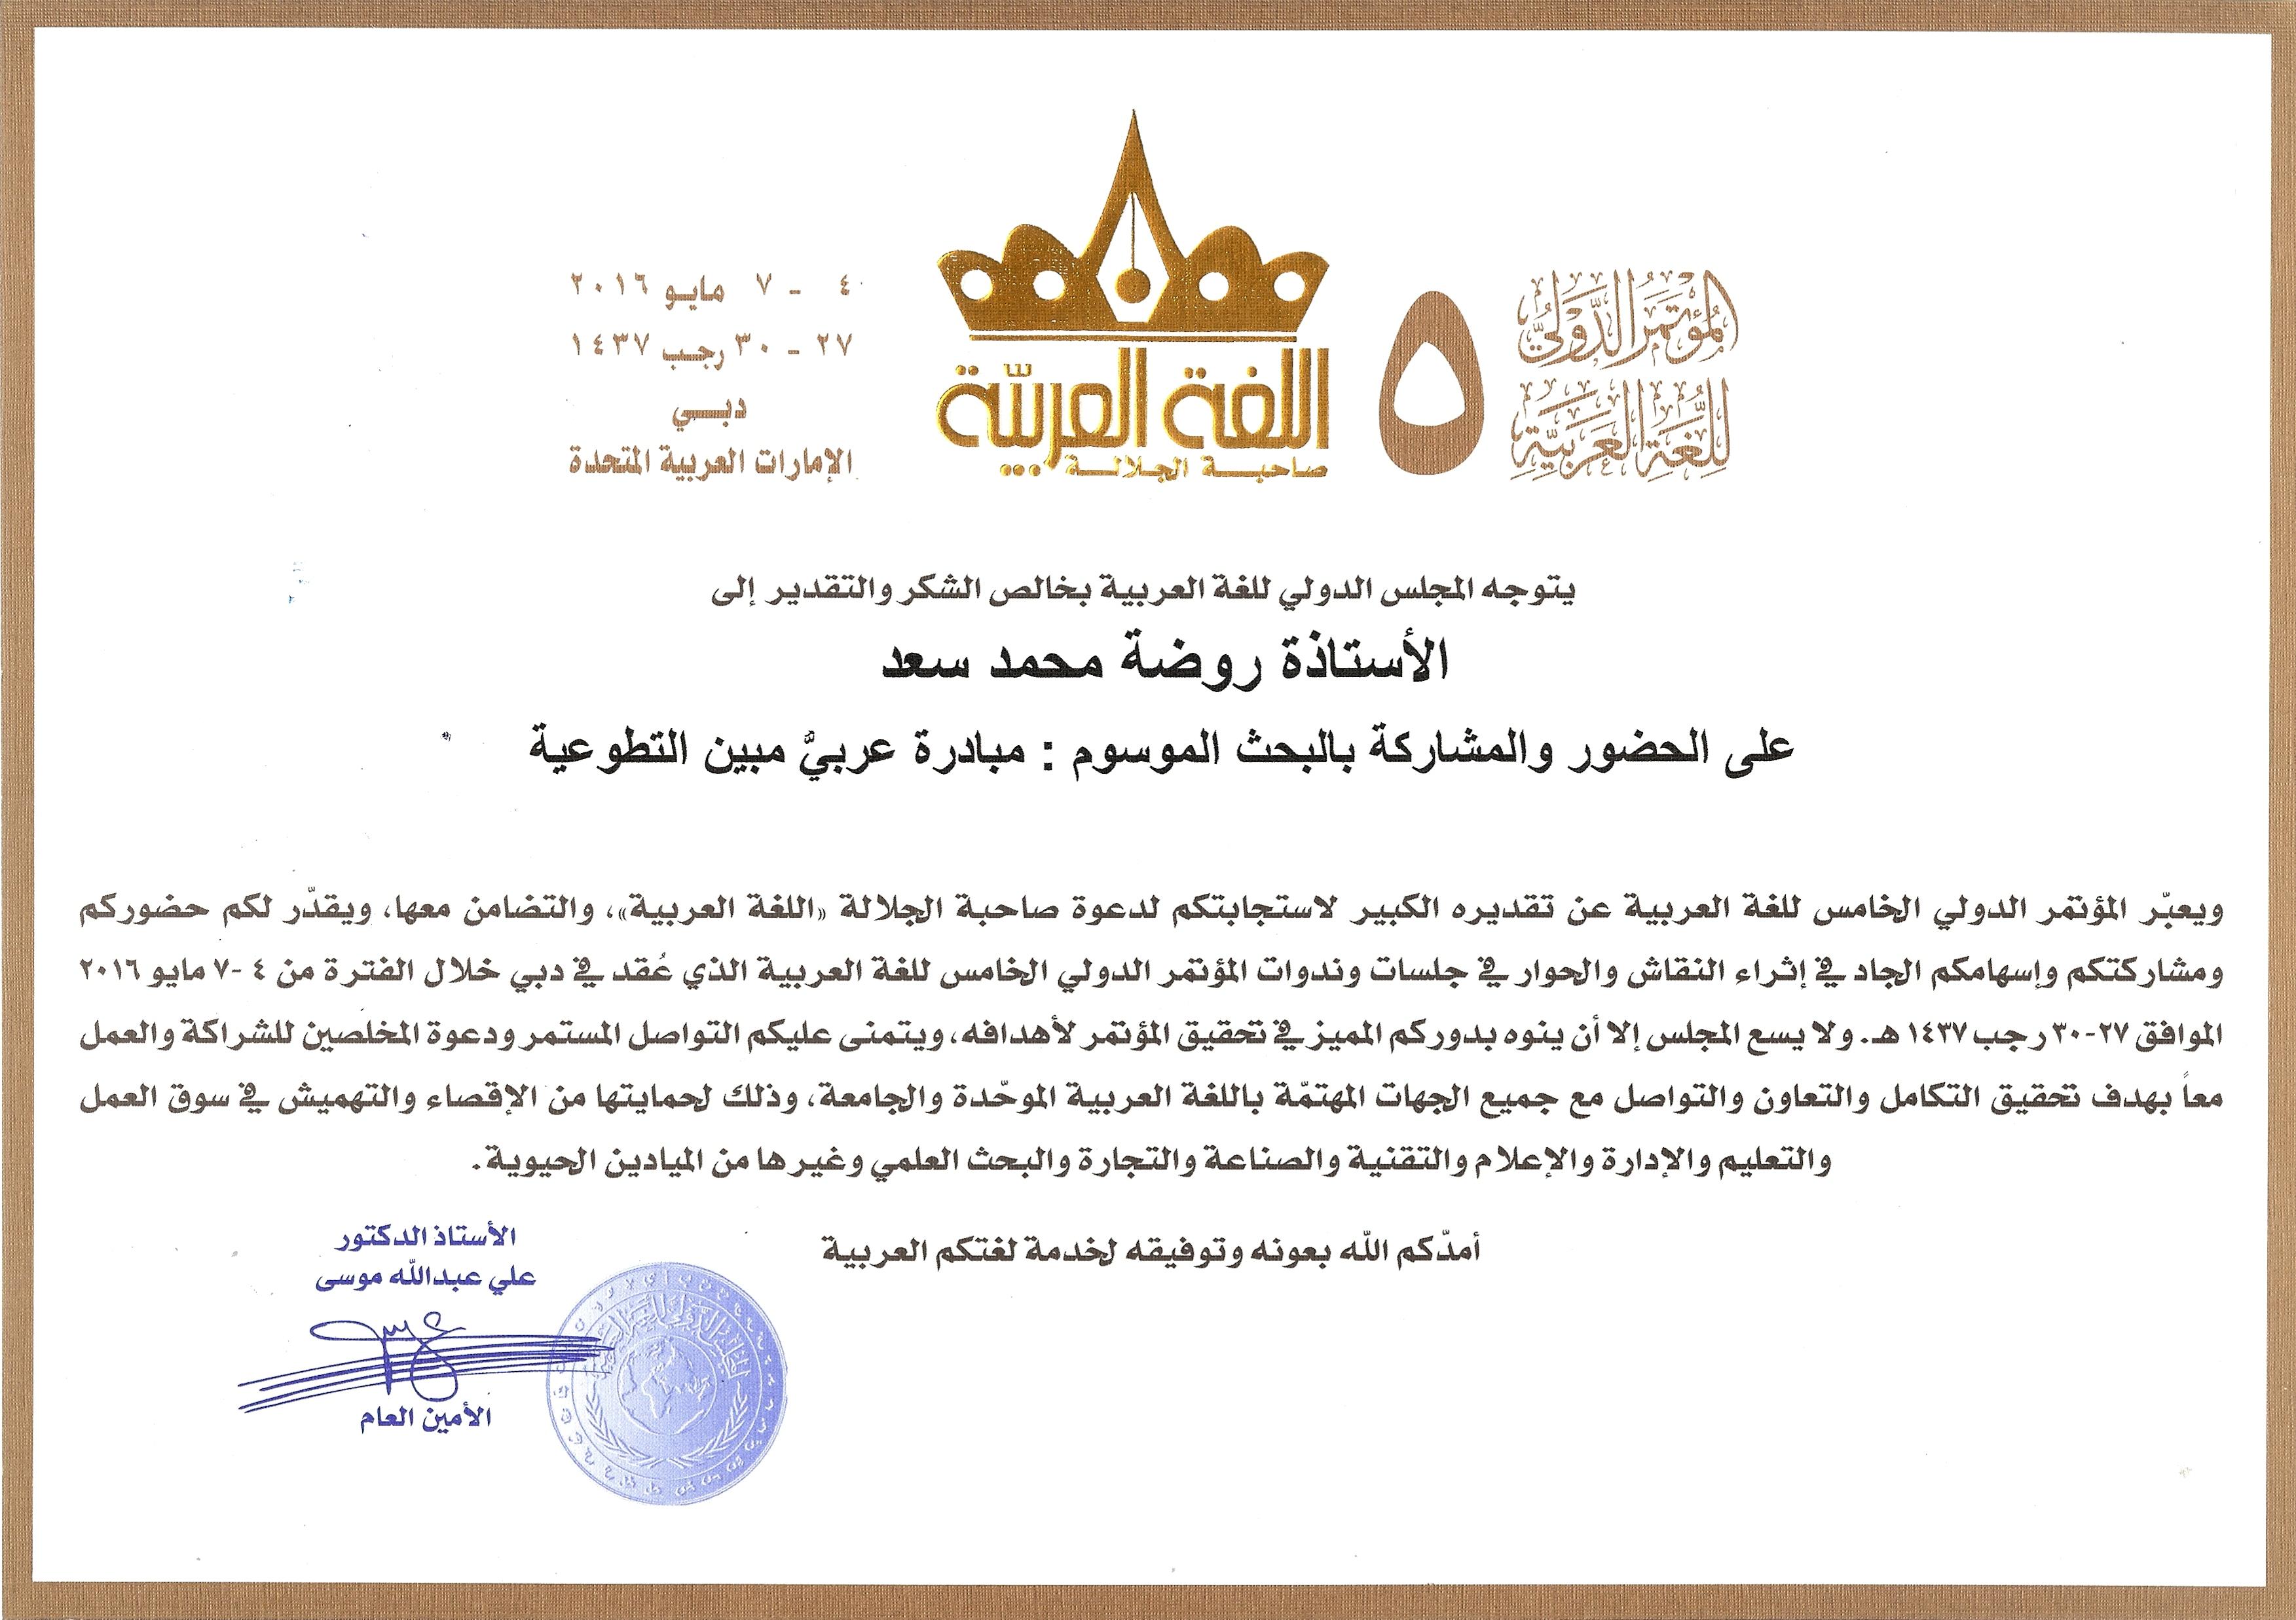 مبادرة @عربيٌّ_مُبين @روضة